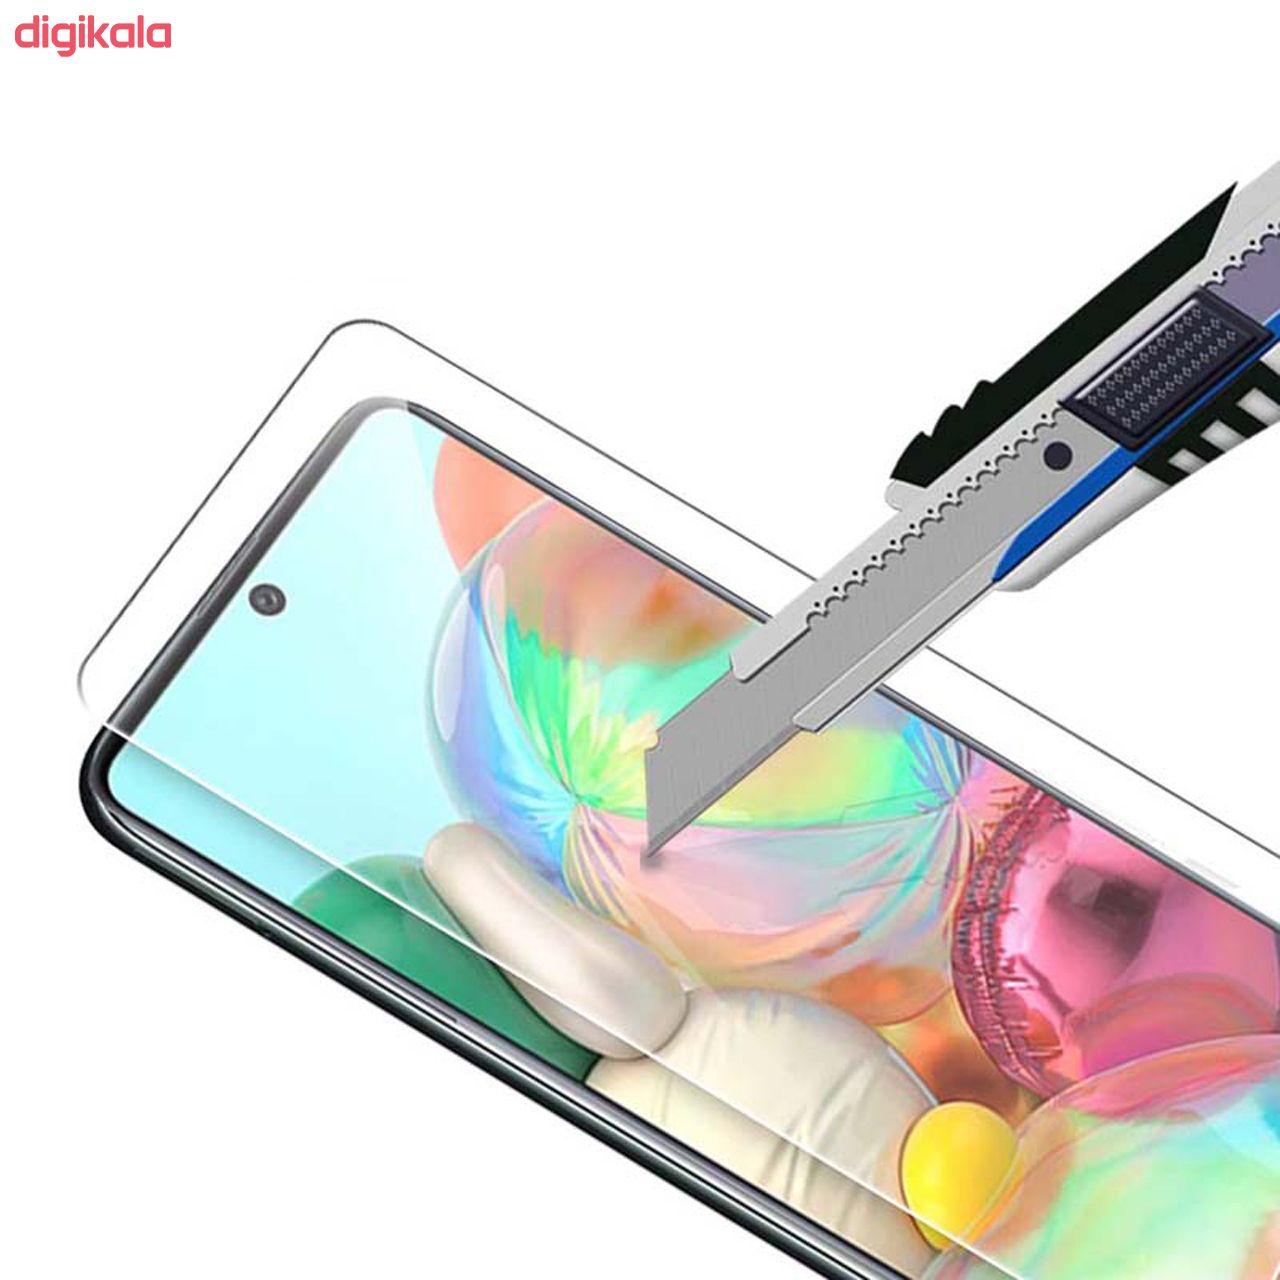 محافظ صفحه نمایش سیحان مدل CLT مناسب برای گوشی موبایل سامسونگ Galaxy A71 main 1 3